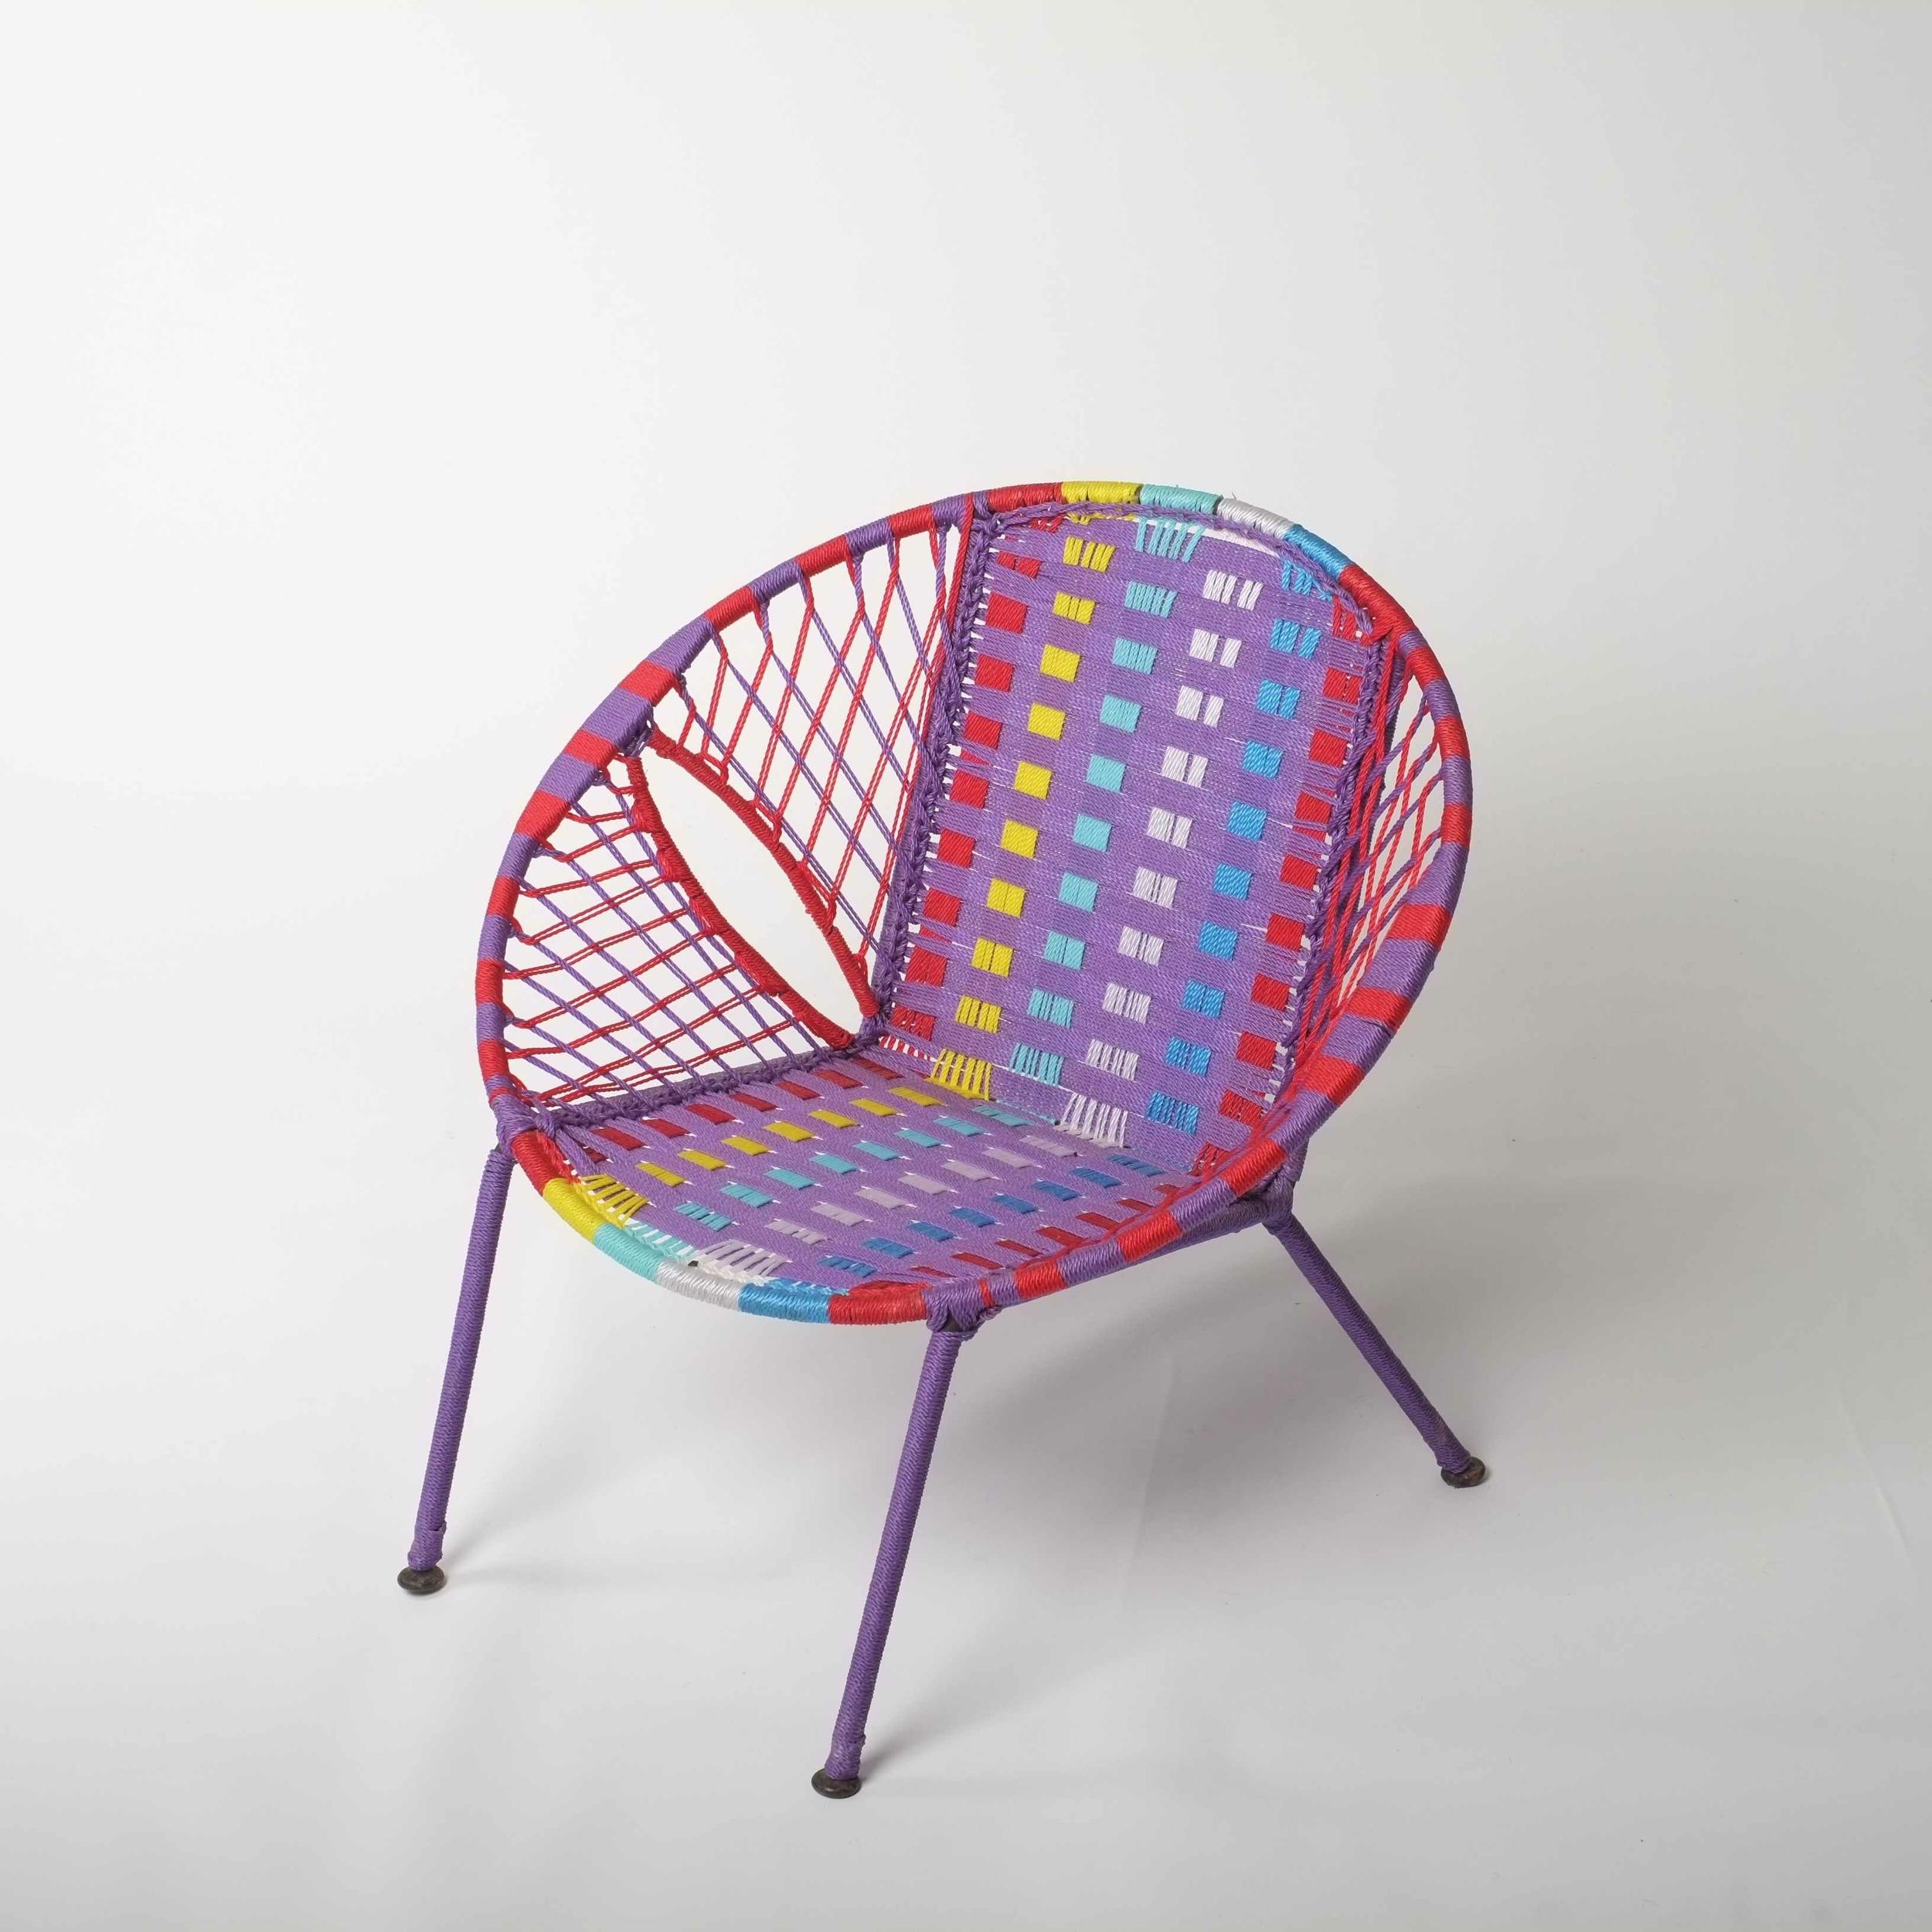 Chaise enfant en métal et fil de pêche recyclés modèle panier multicolore